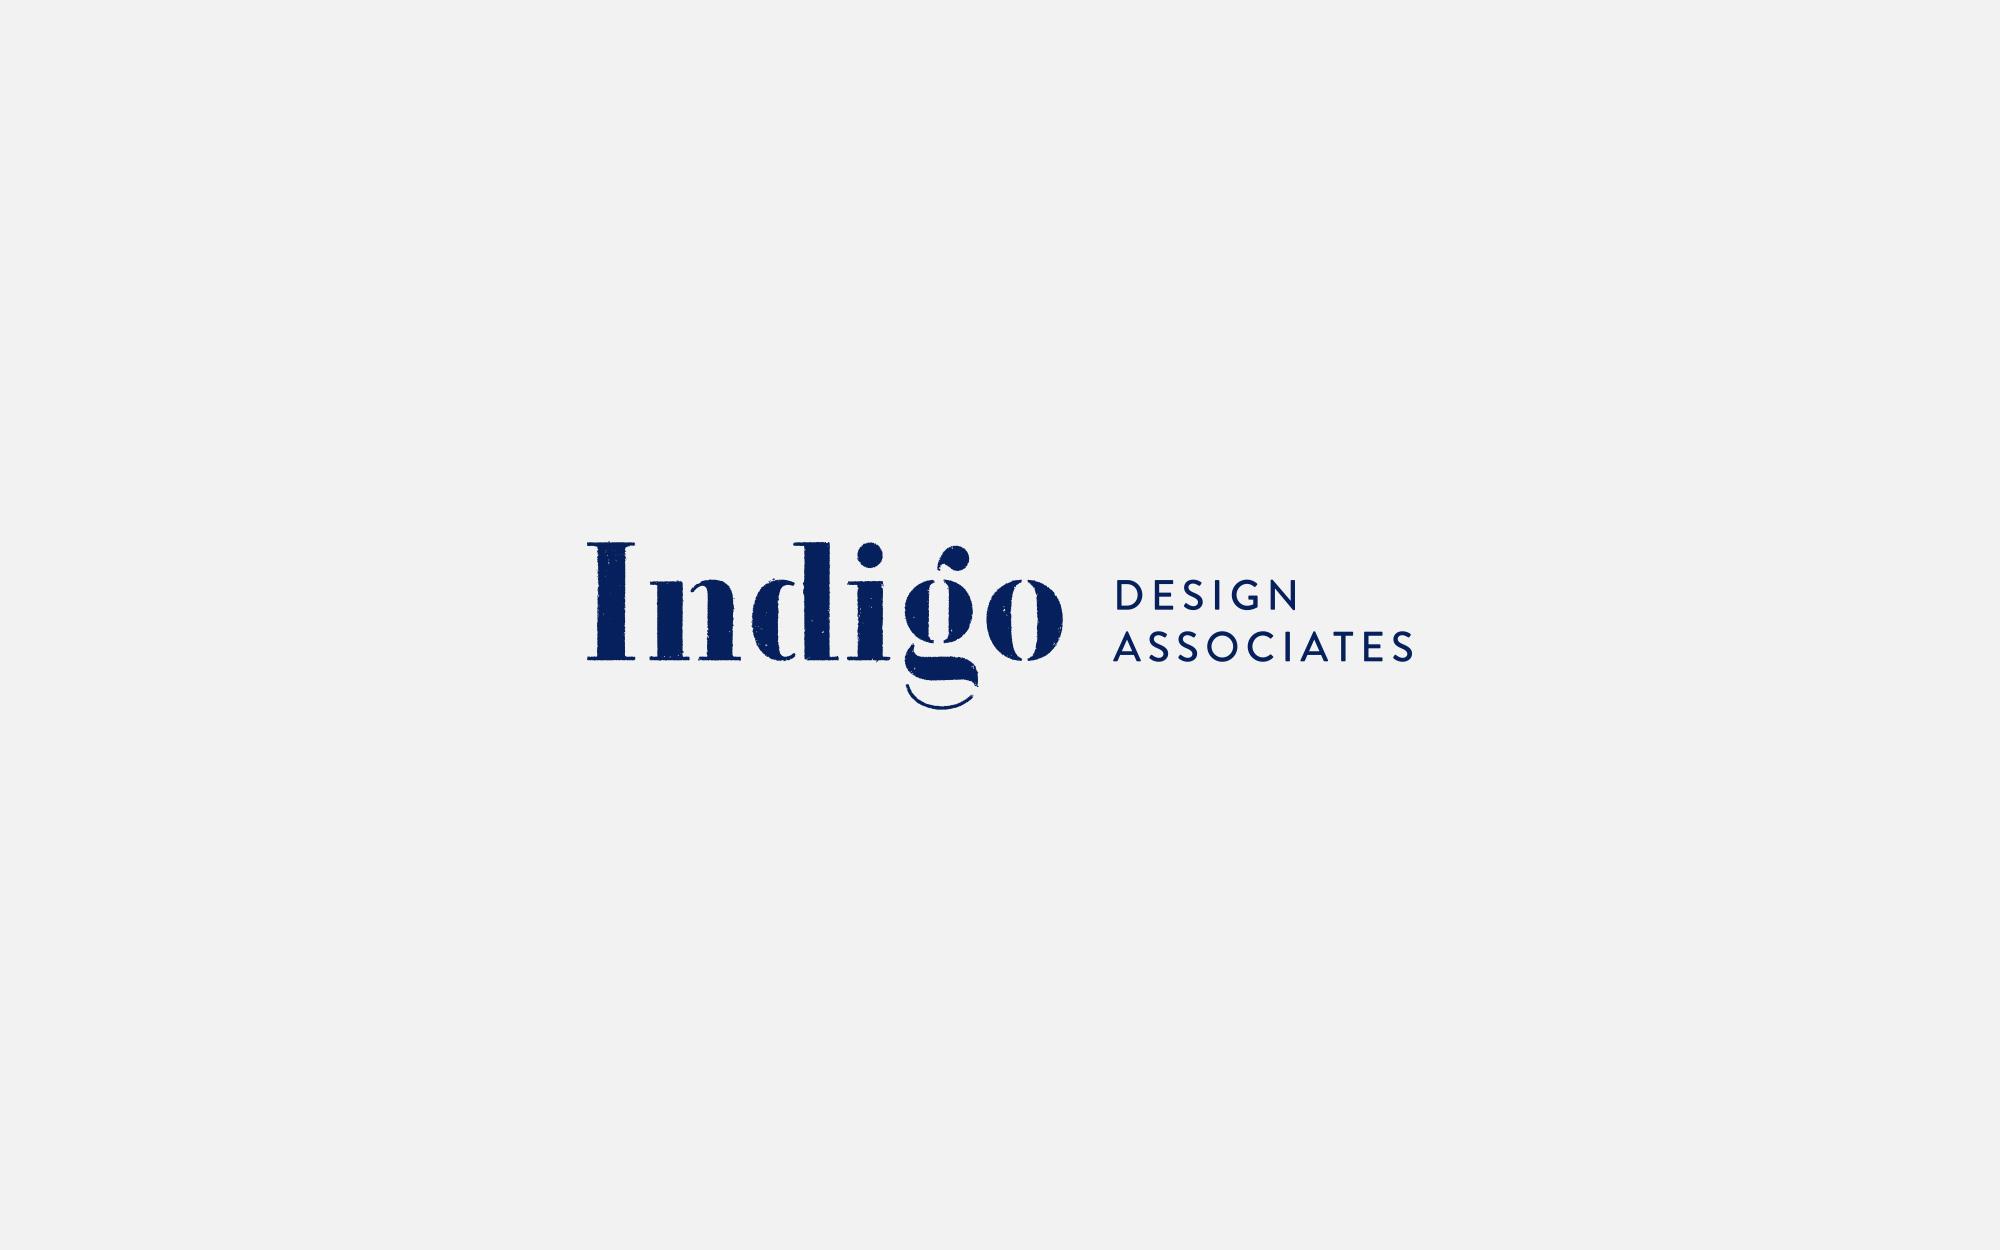 Indigo design associates logo design